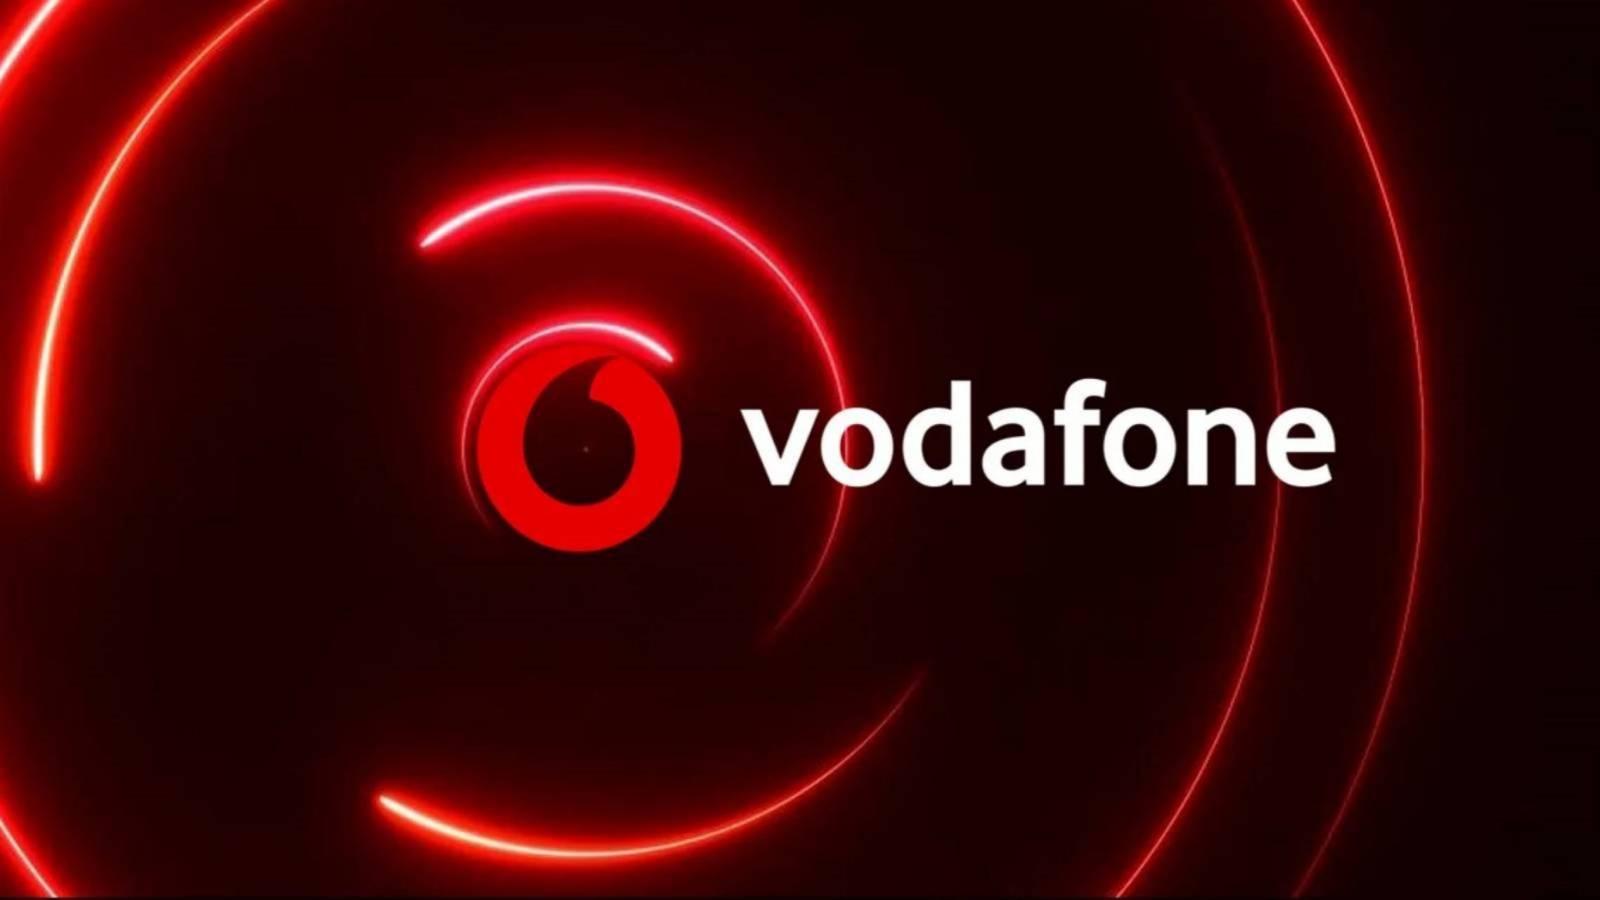 Vodafonenoobees